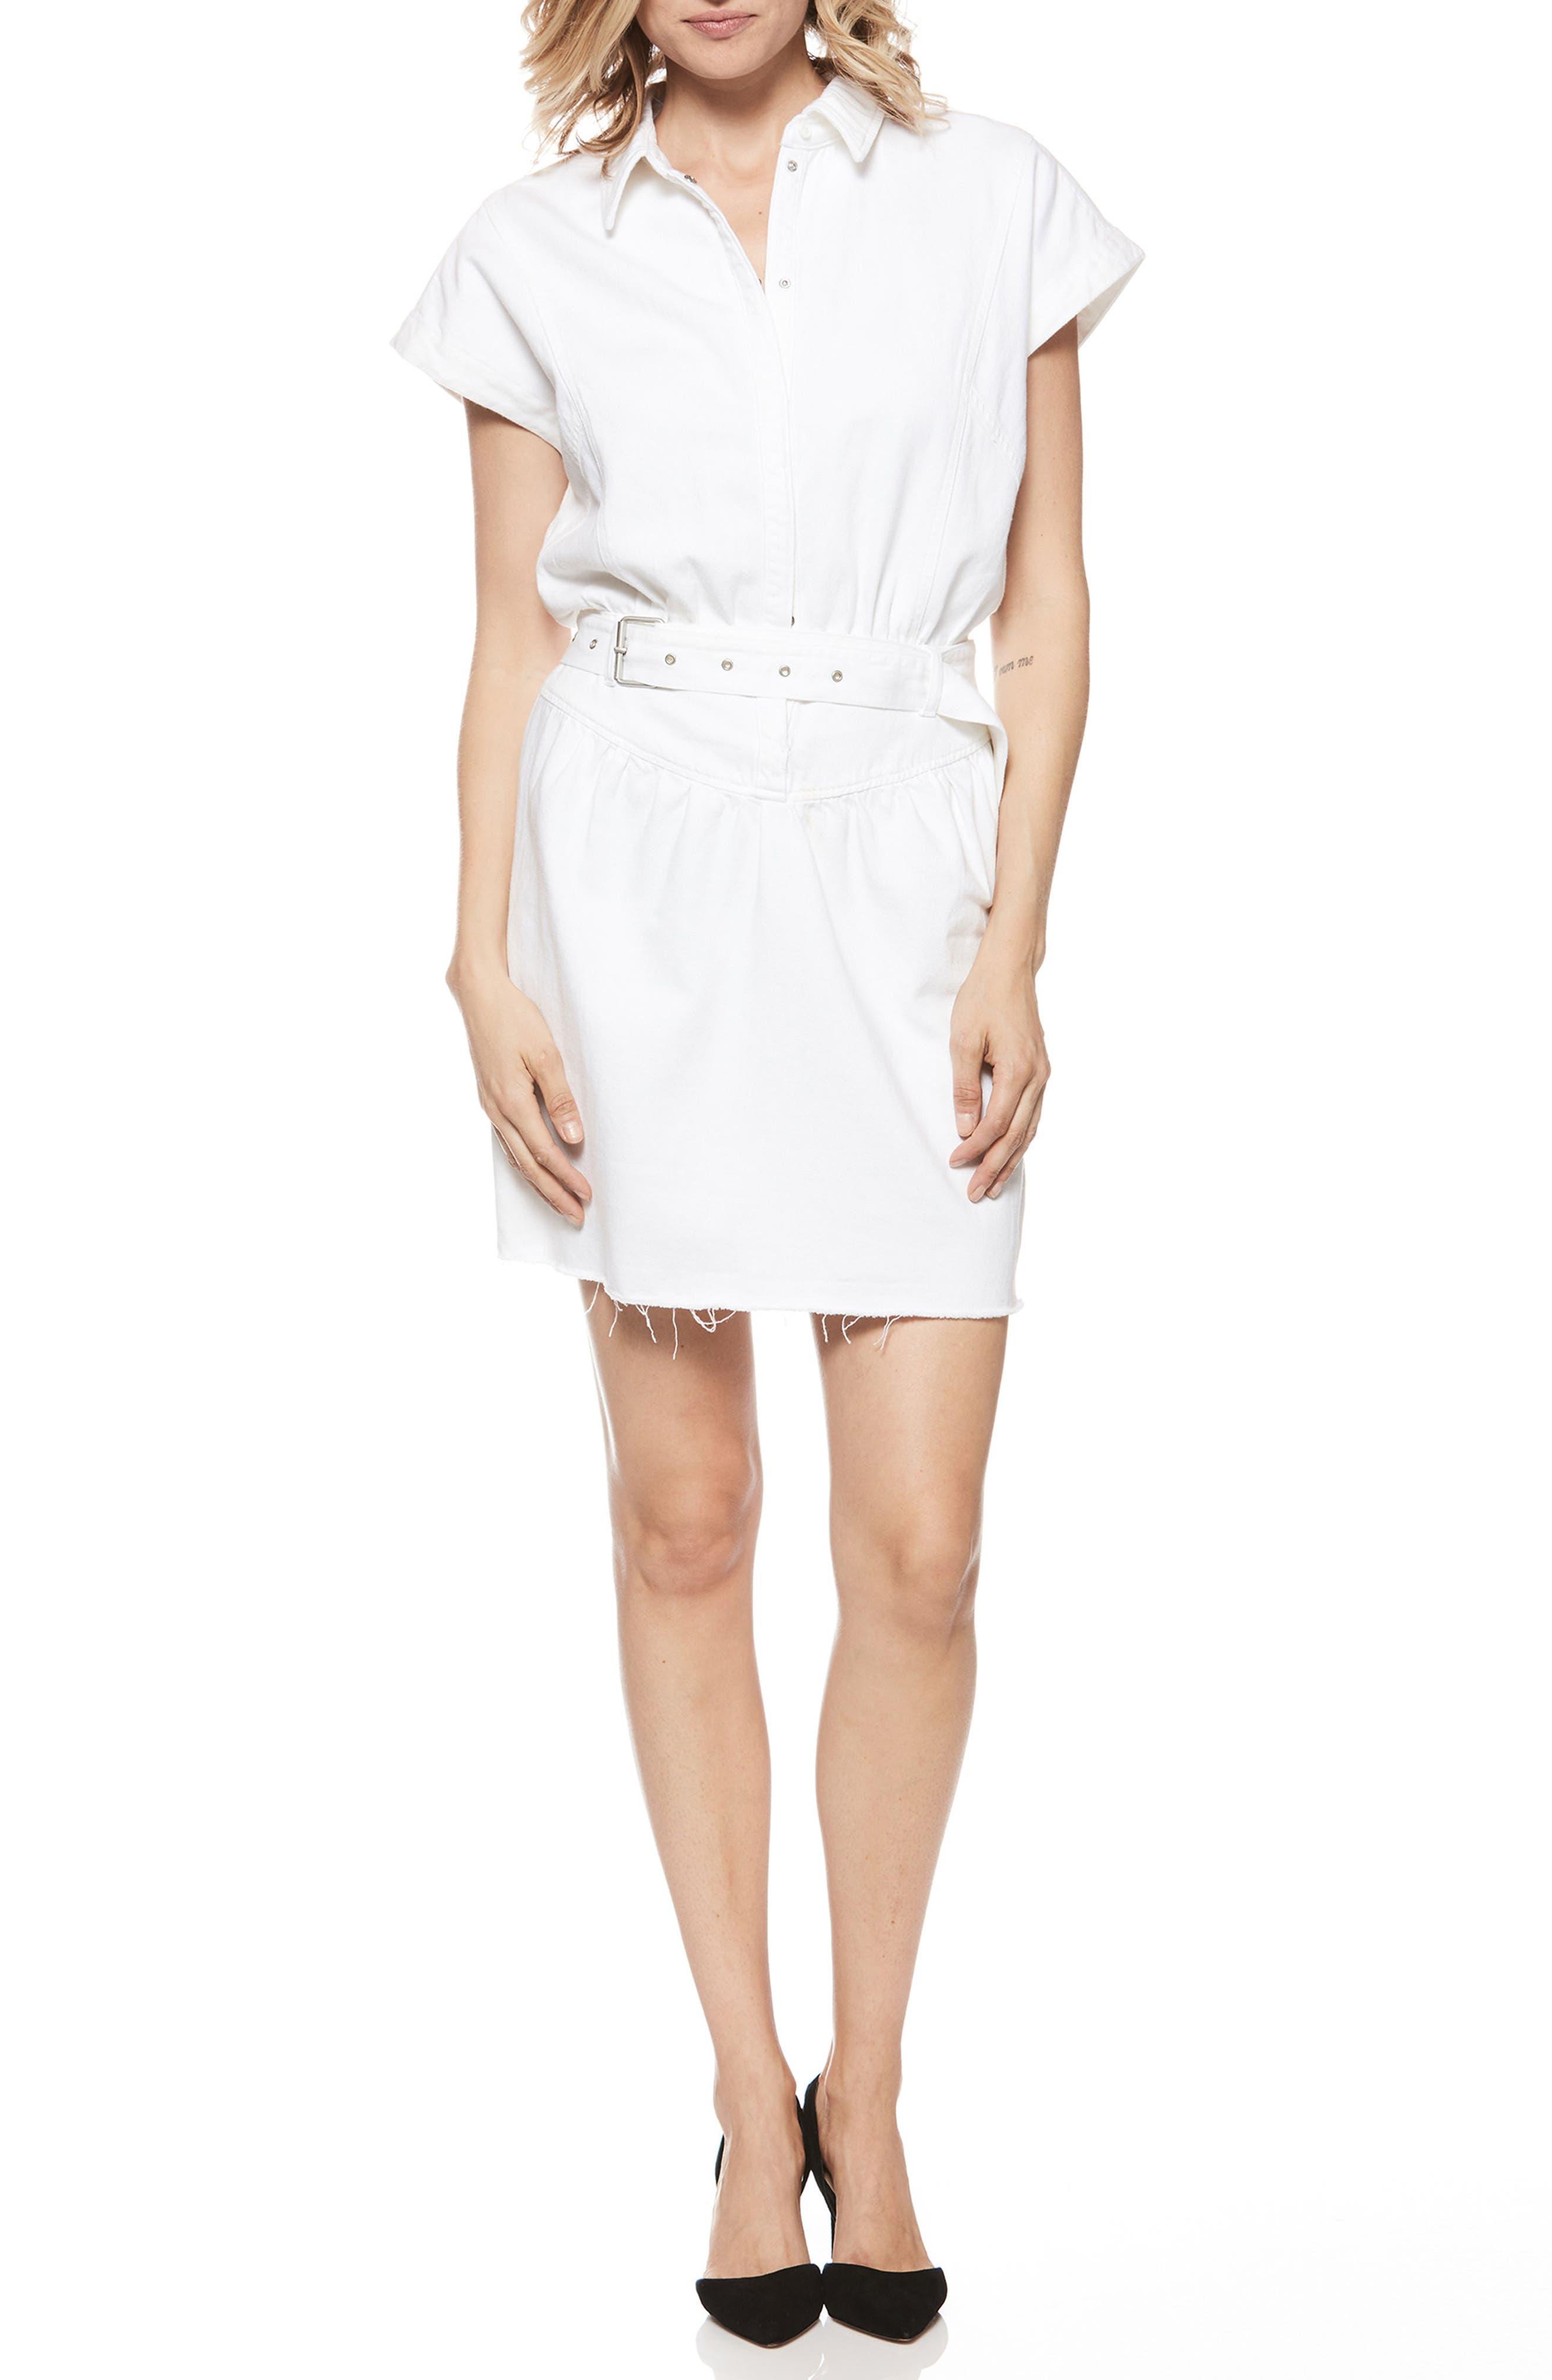 Celina Dress,                             Main thumbnail 1, color,                             CRISP WHITE